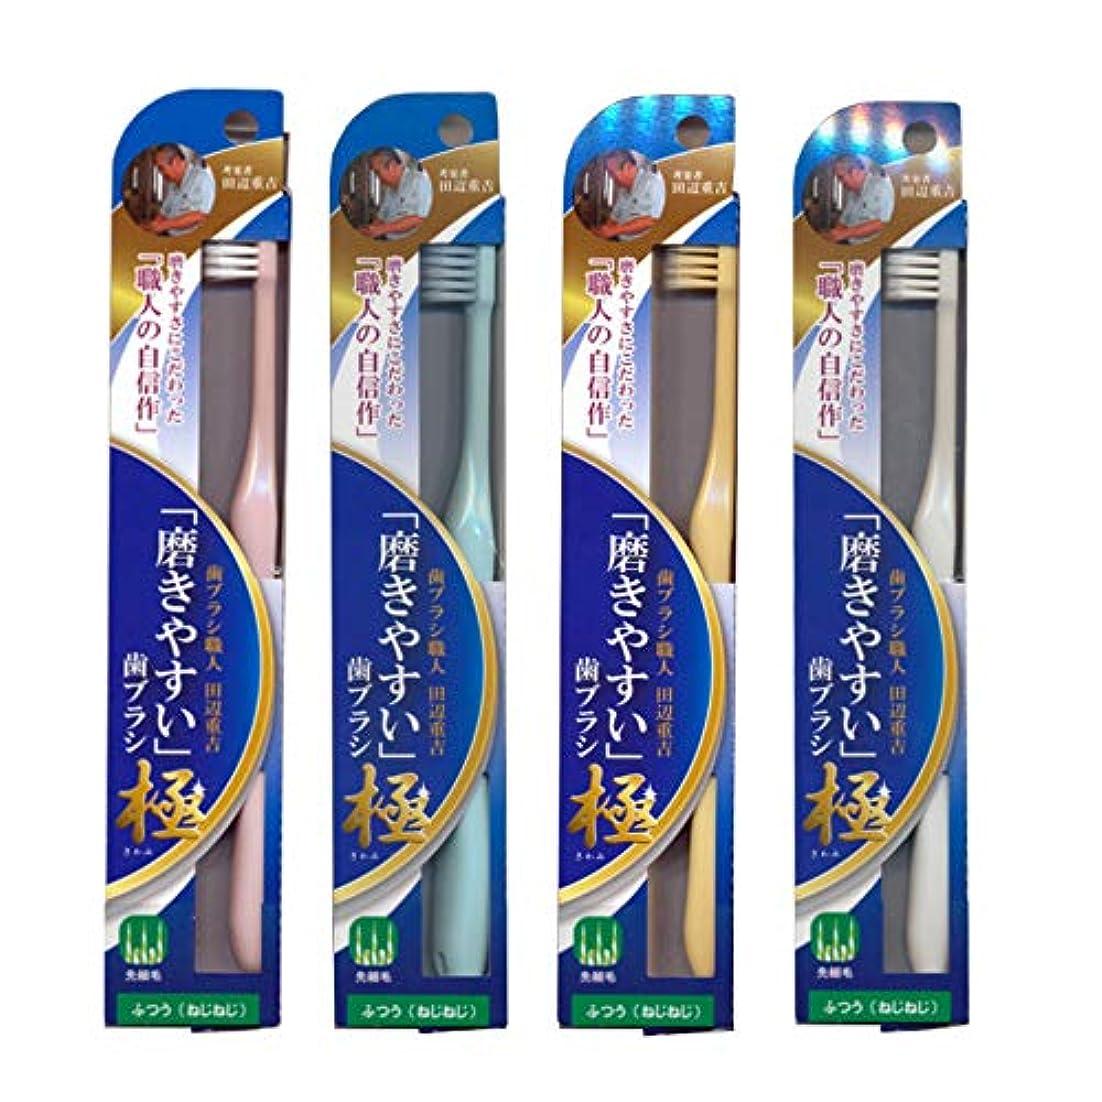 単位ほのめかすタクシー磨きやすい歯ブラシ極 (ふつう ねじねじ) LT-45×12本セット(ピンク×3、ブルー×3、ホワイト×3、イエロー×3) 先細毛